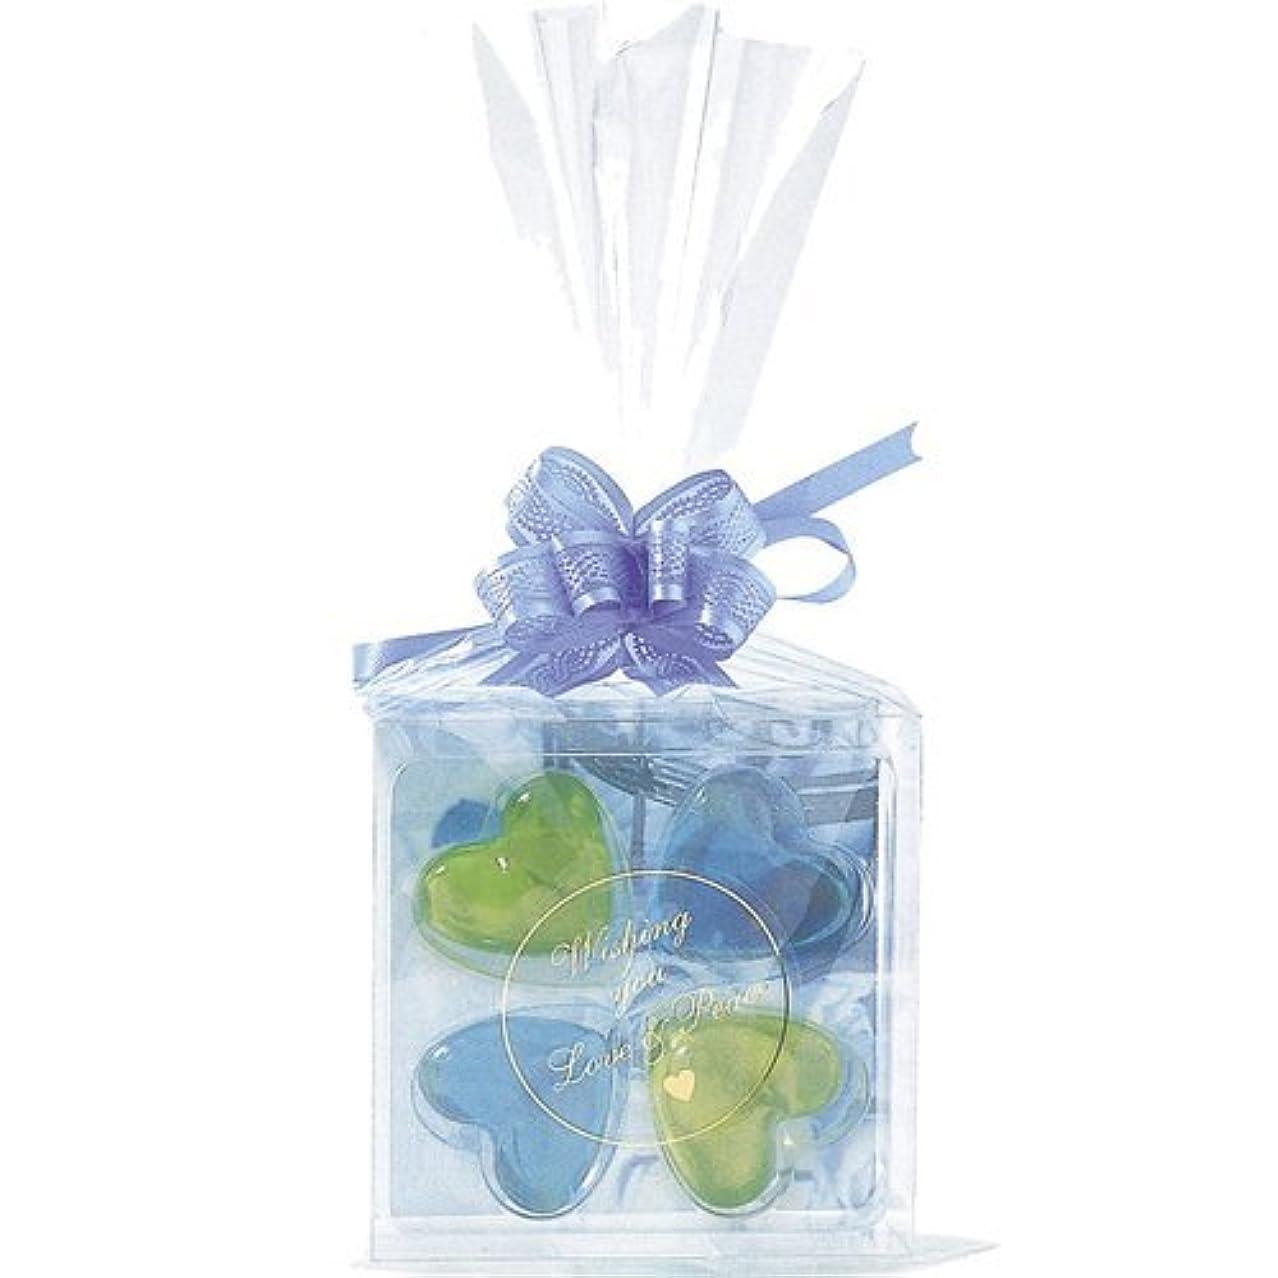 ステープルコンペテスピアンジーピークリエイツ フォーチューンクローバー ブルー 入浴料セット(グリーンアップル、ベリー)